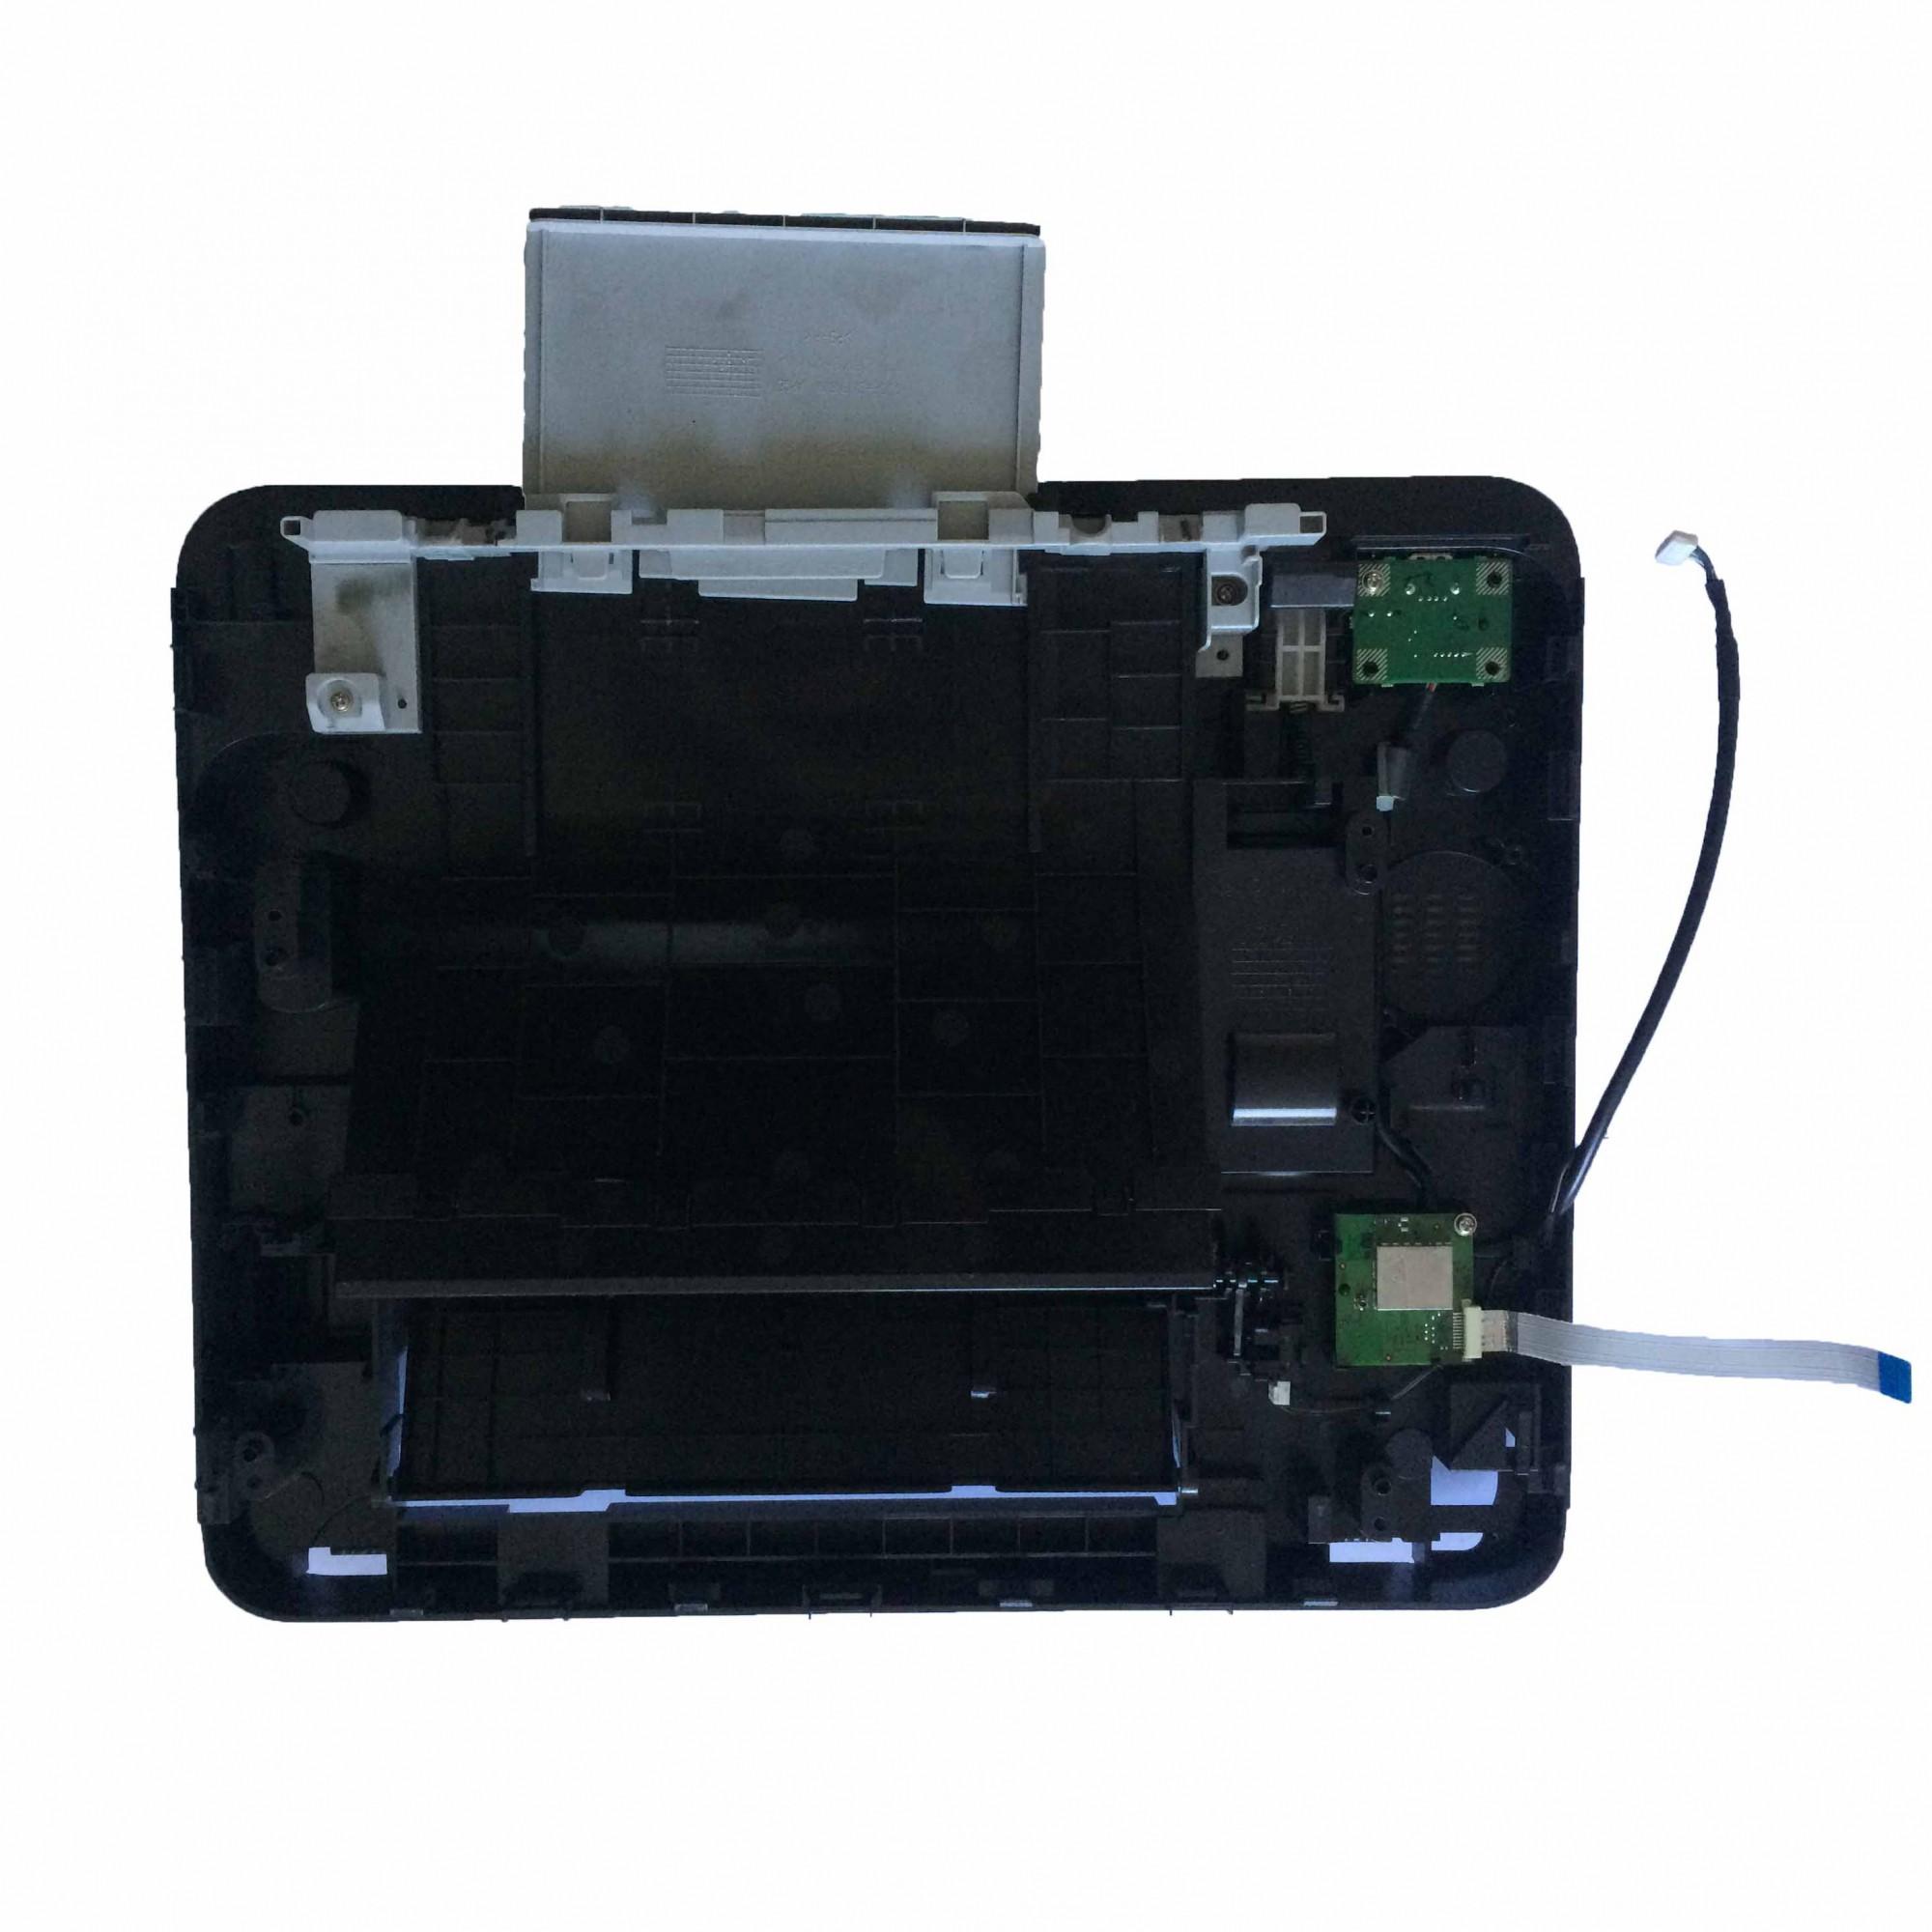 Carcaça Bandeja Saída Papel + Placas e Sensores Superiores Multifuncional Samsung Xpress M2885 - Retirado